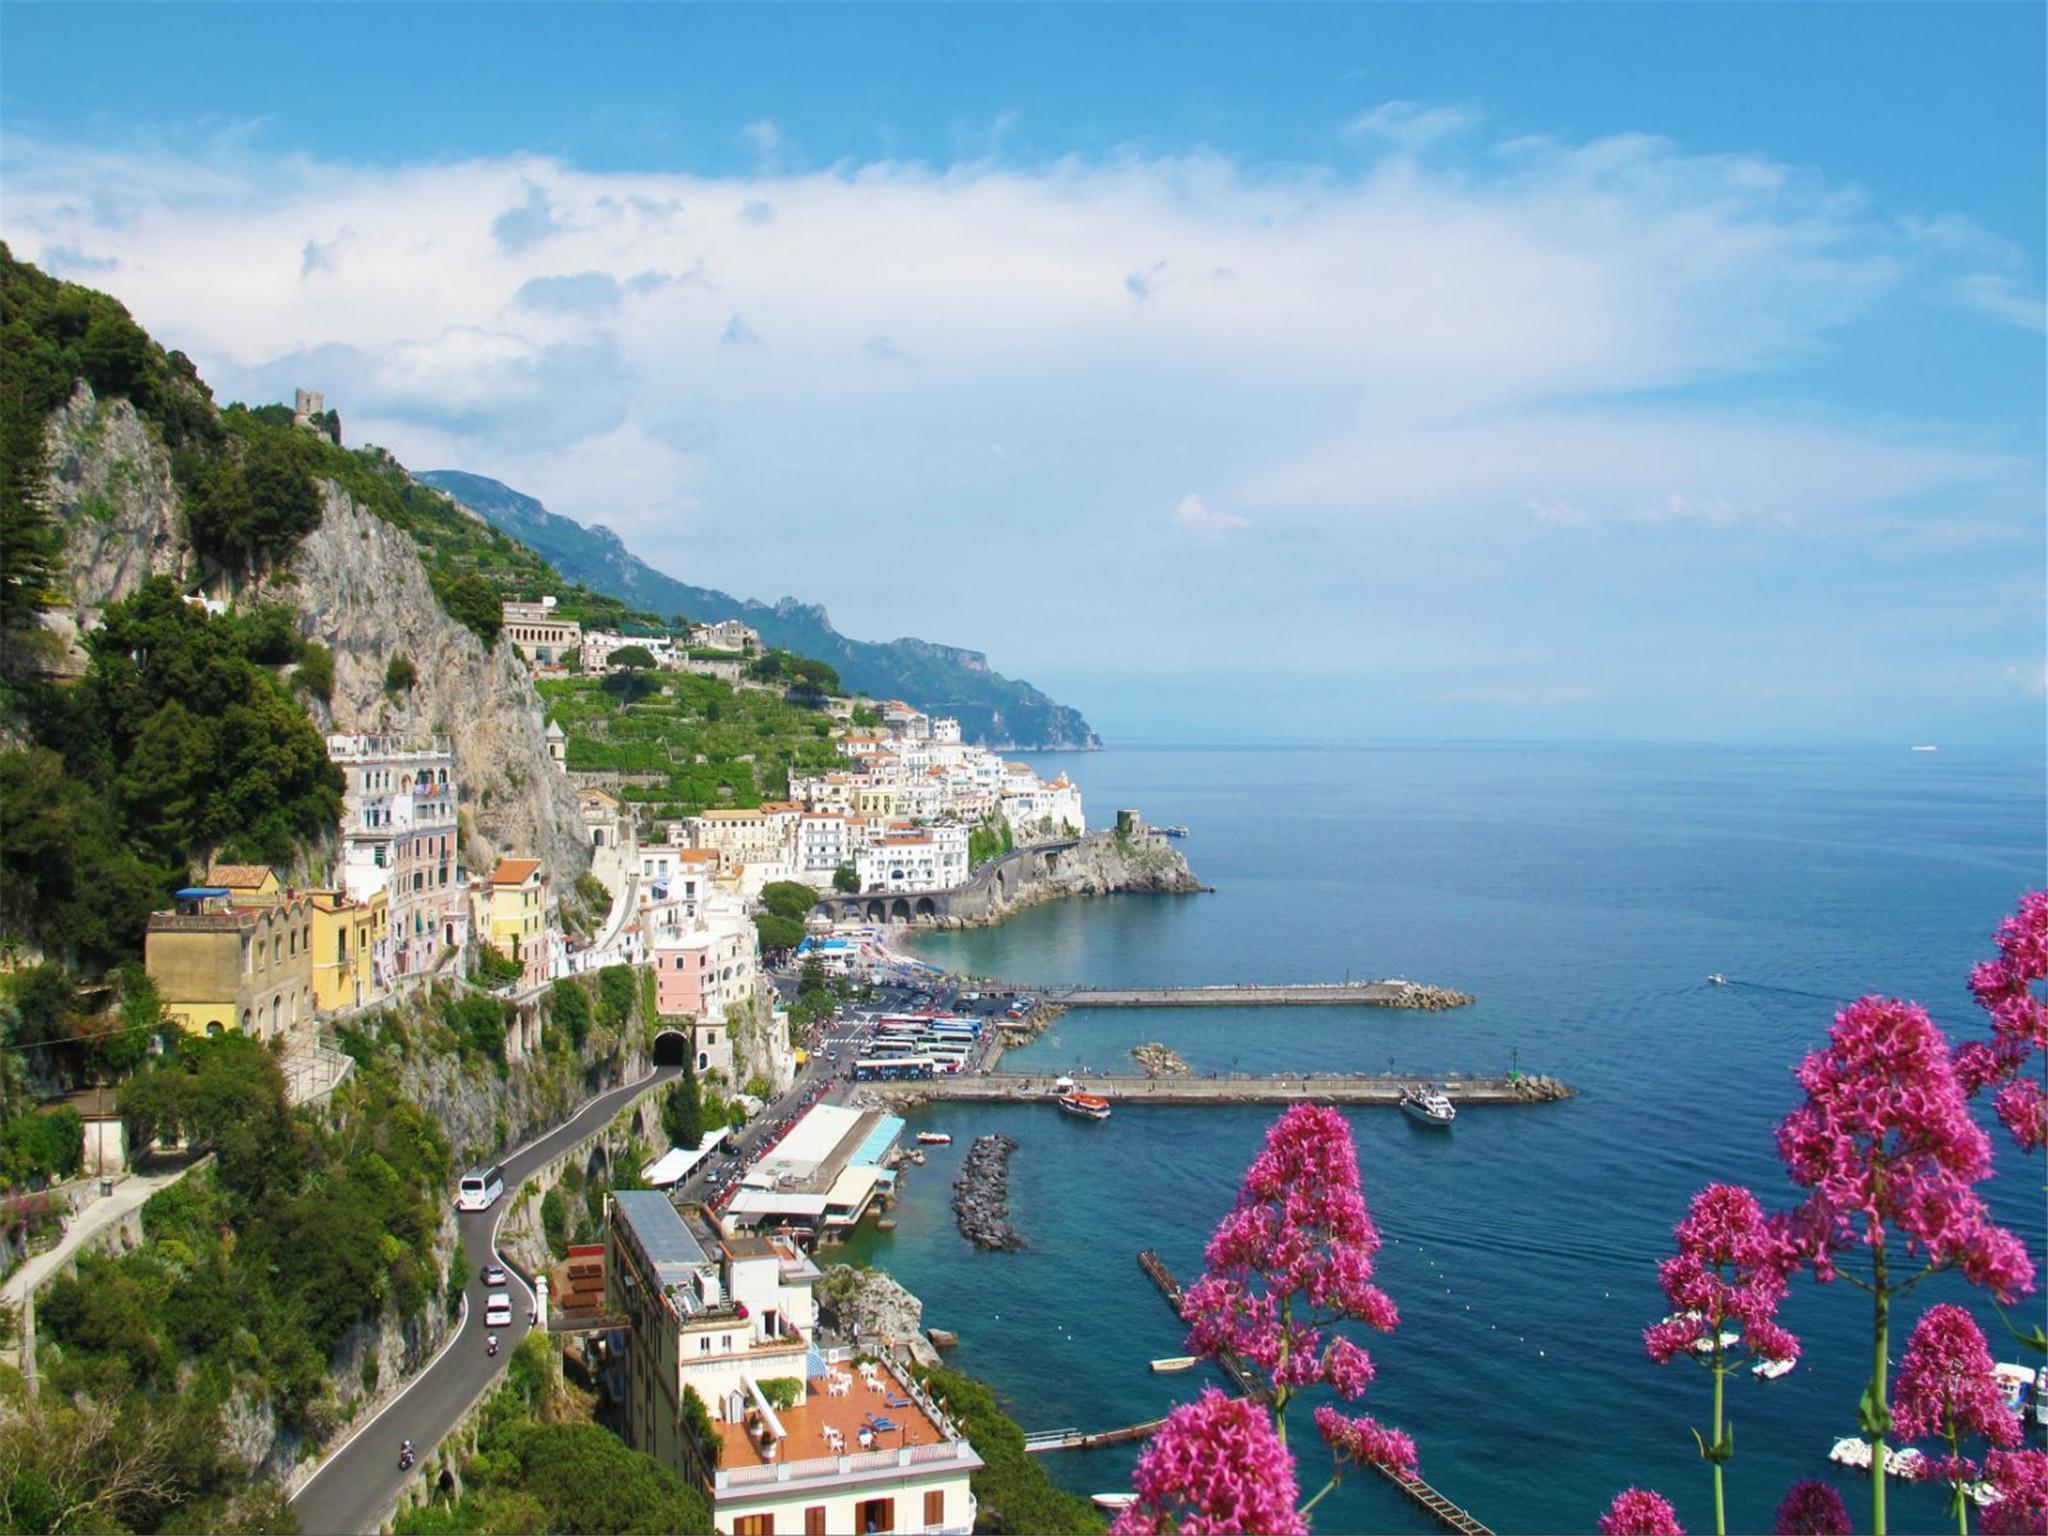 世界文化遗产-五渔村 品味意大利文化的精髓 被评为人生50个一定要去